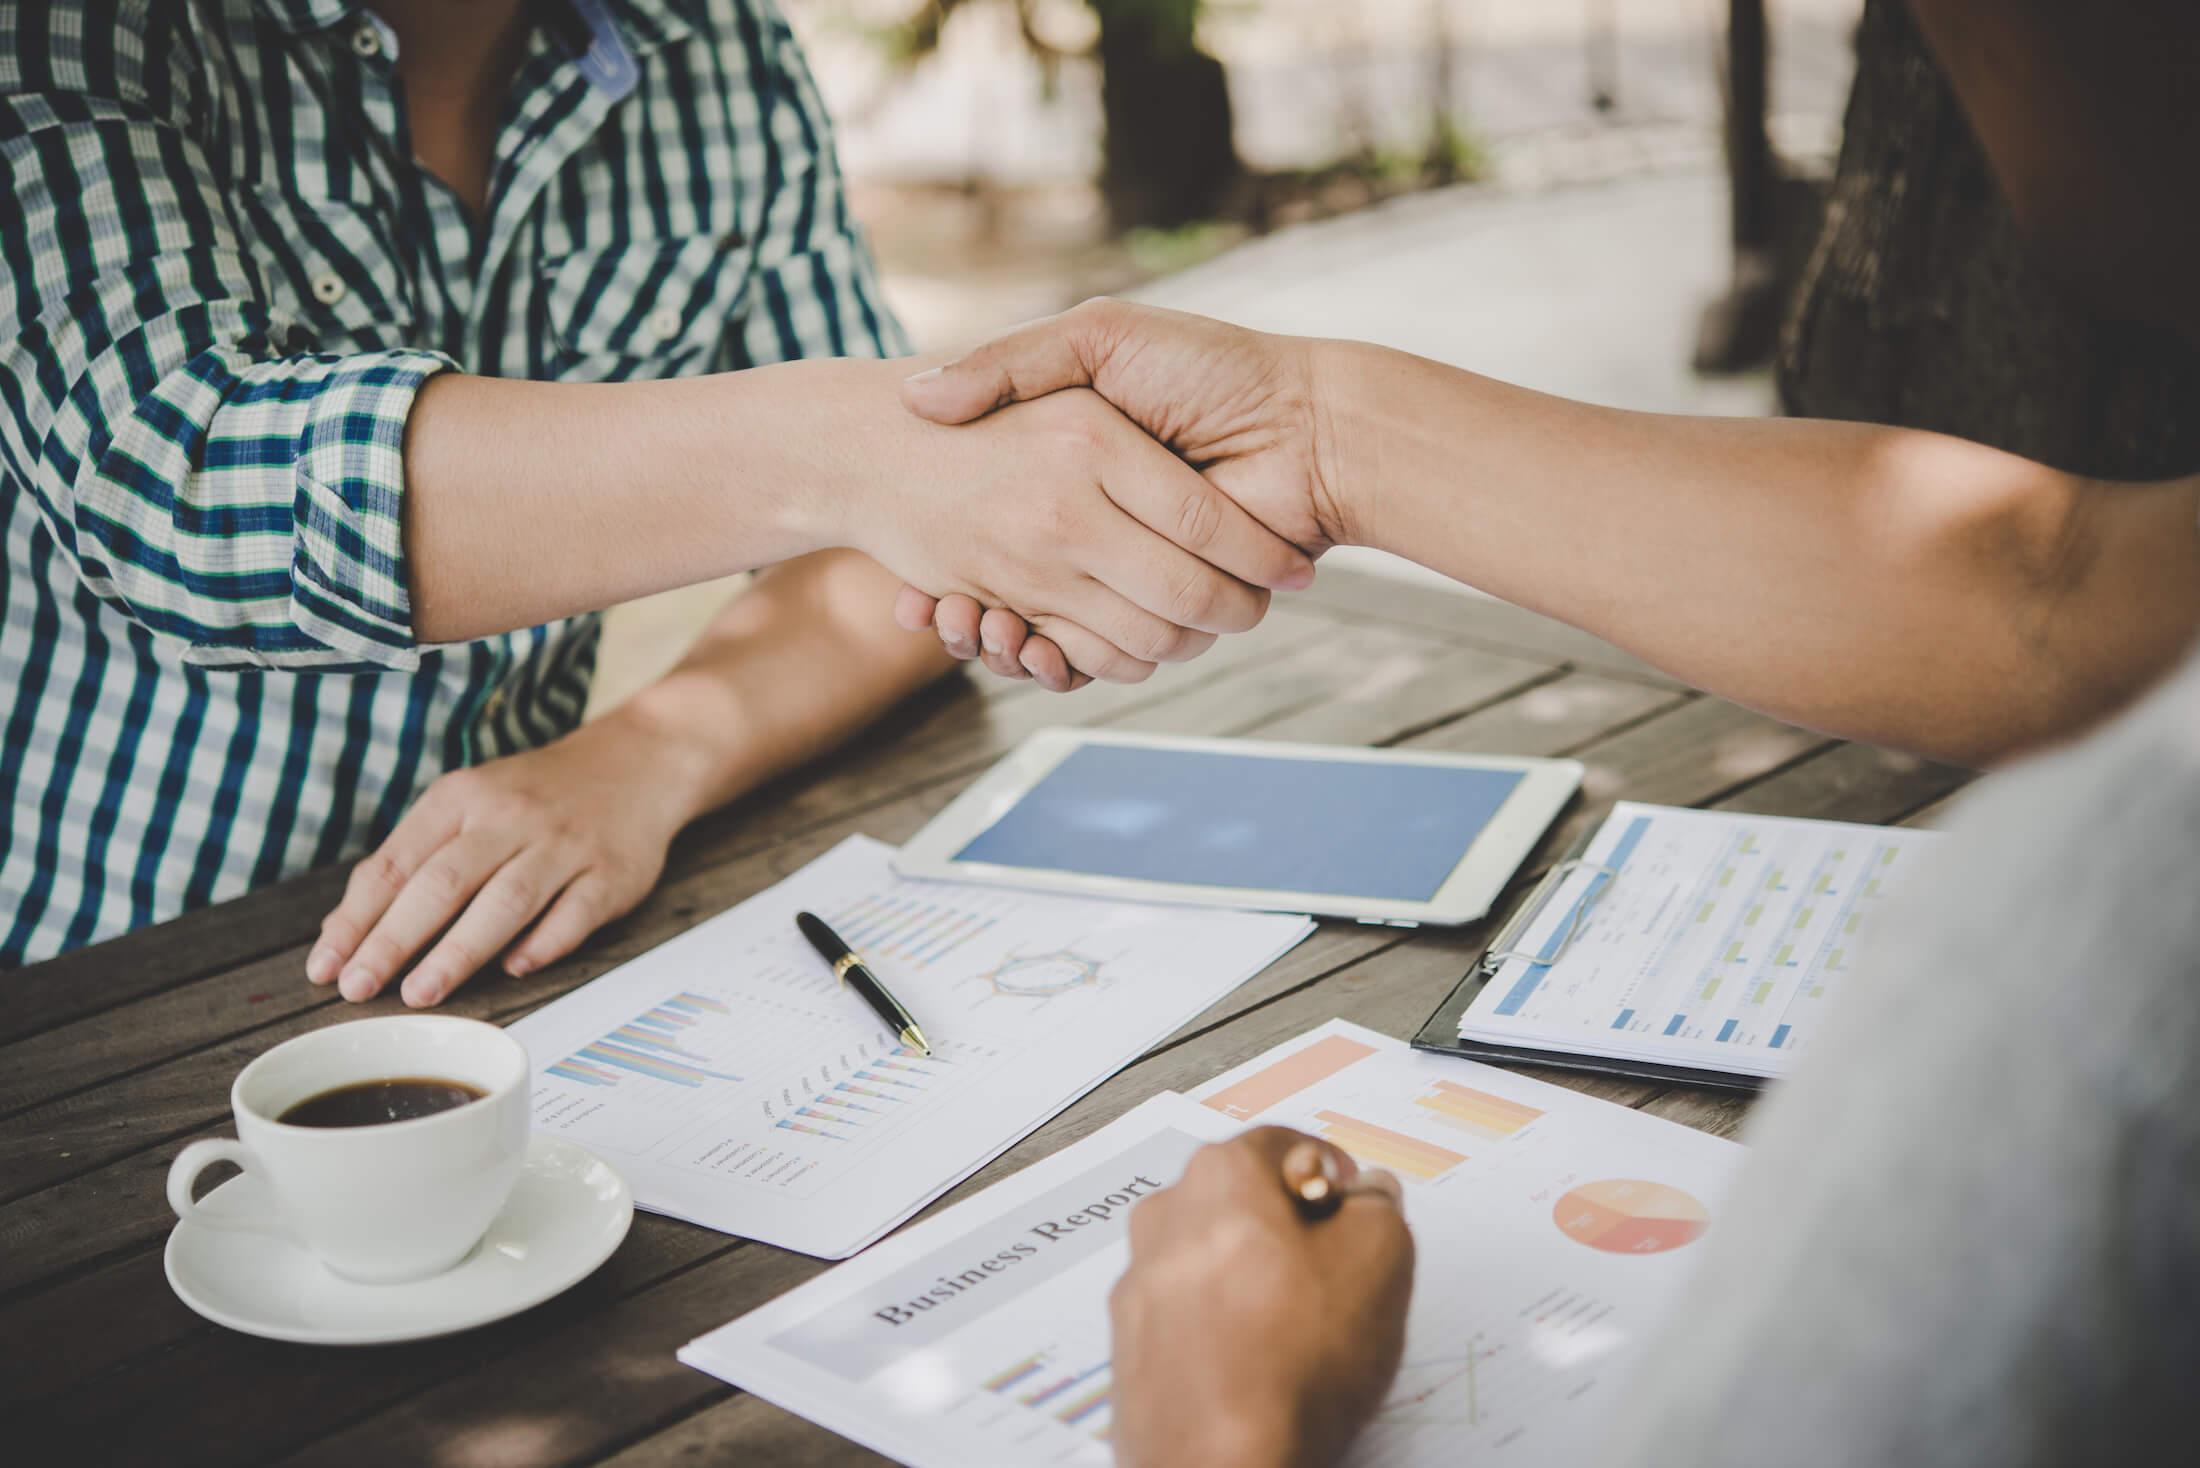 چطور مدیر محصول می تواند میان تیم های داخلی اعتمادسازی کند